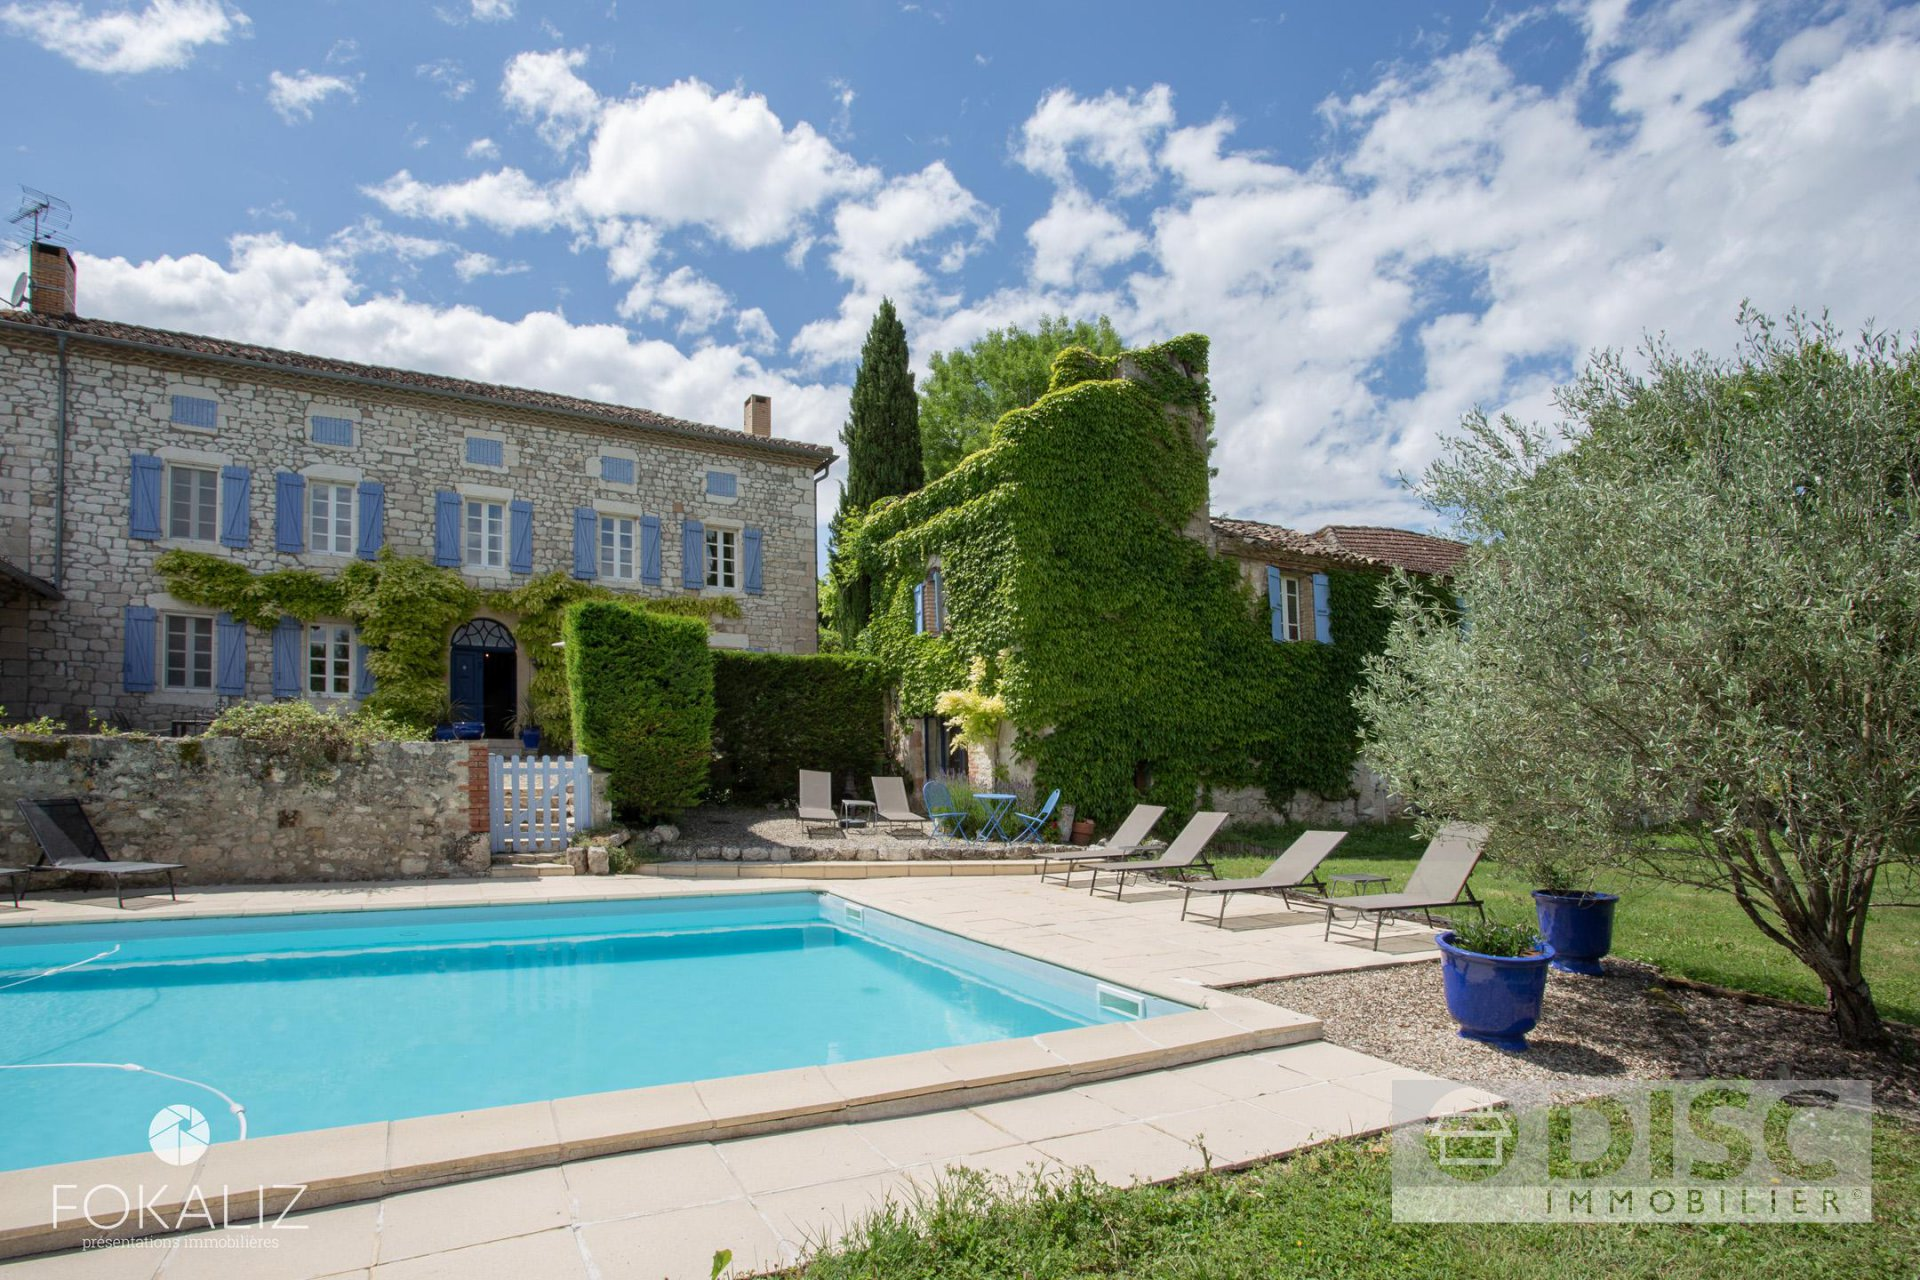 Magnifique propriété comprenant une Maison principale, 2 gîtes et piscine.